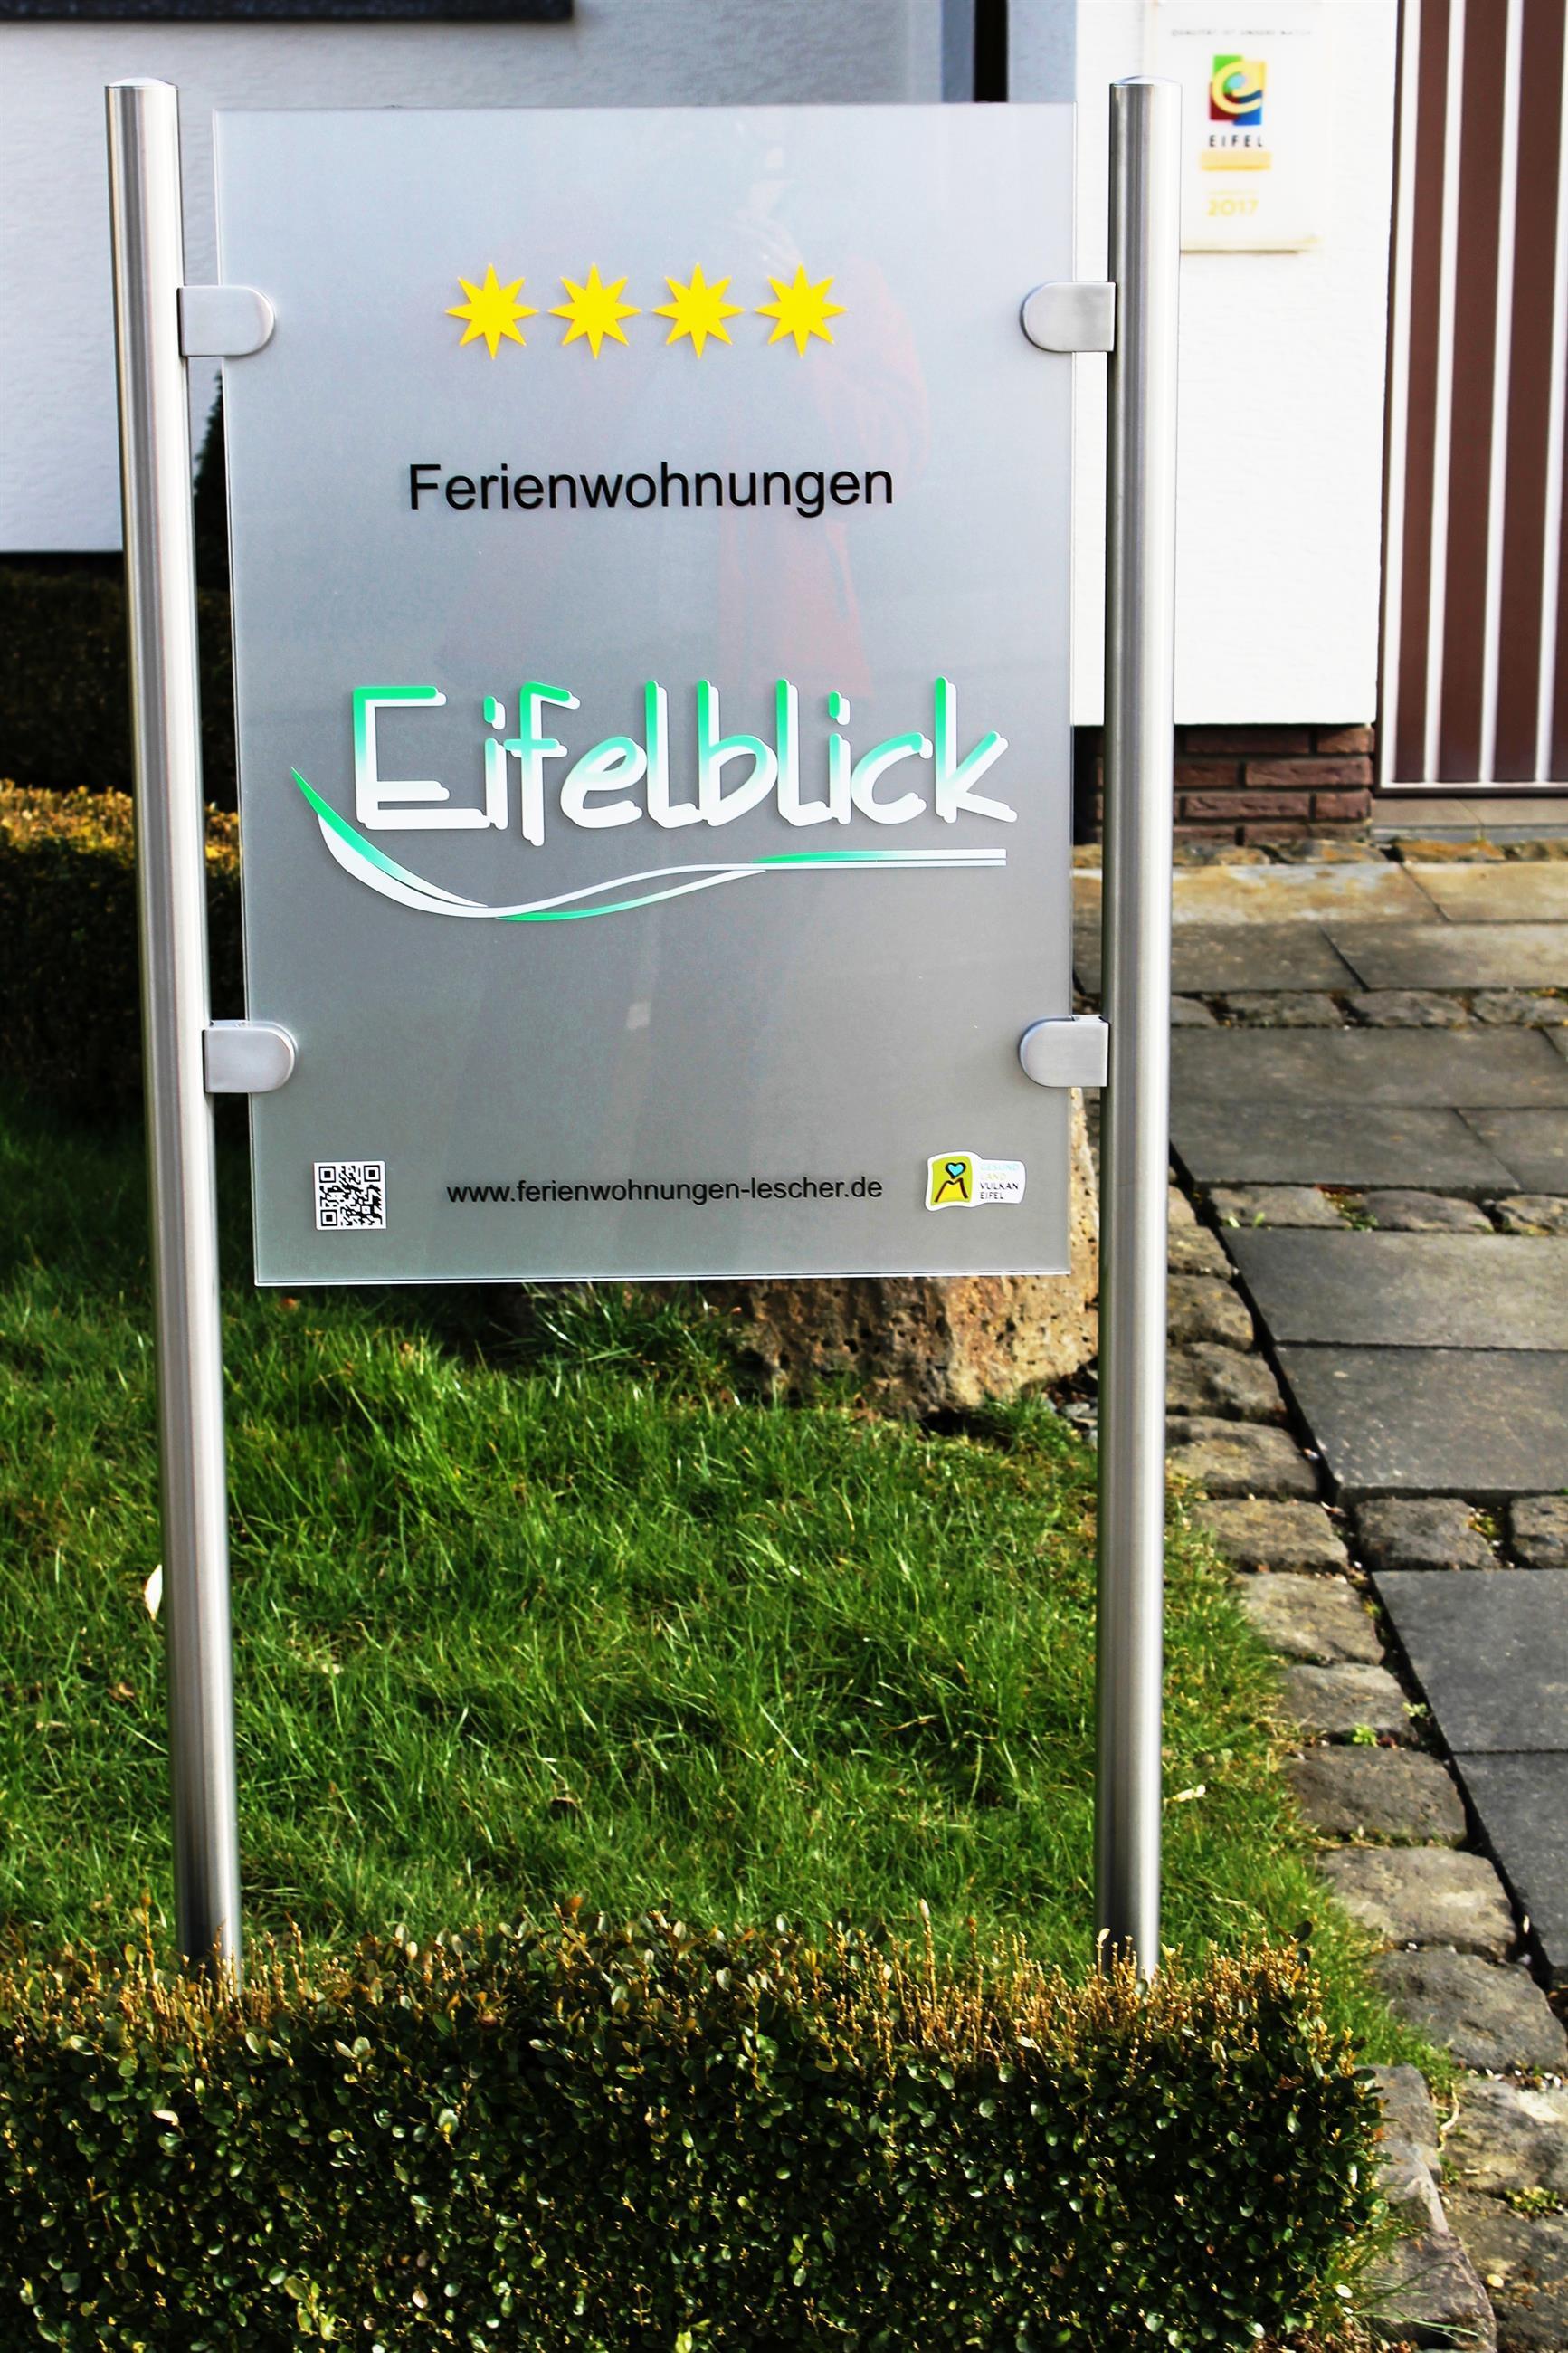 Ferienwohnungen Eifelblick 2-Bettwohnung App. Wies Ferienwohnung in der Eifel